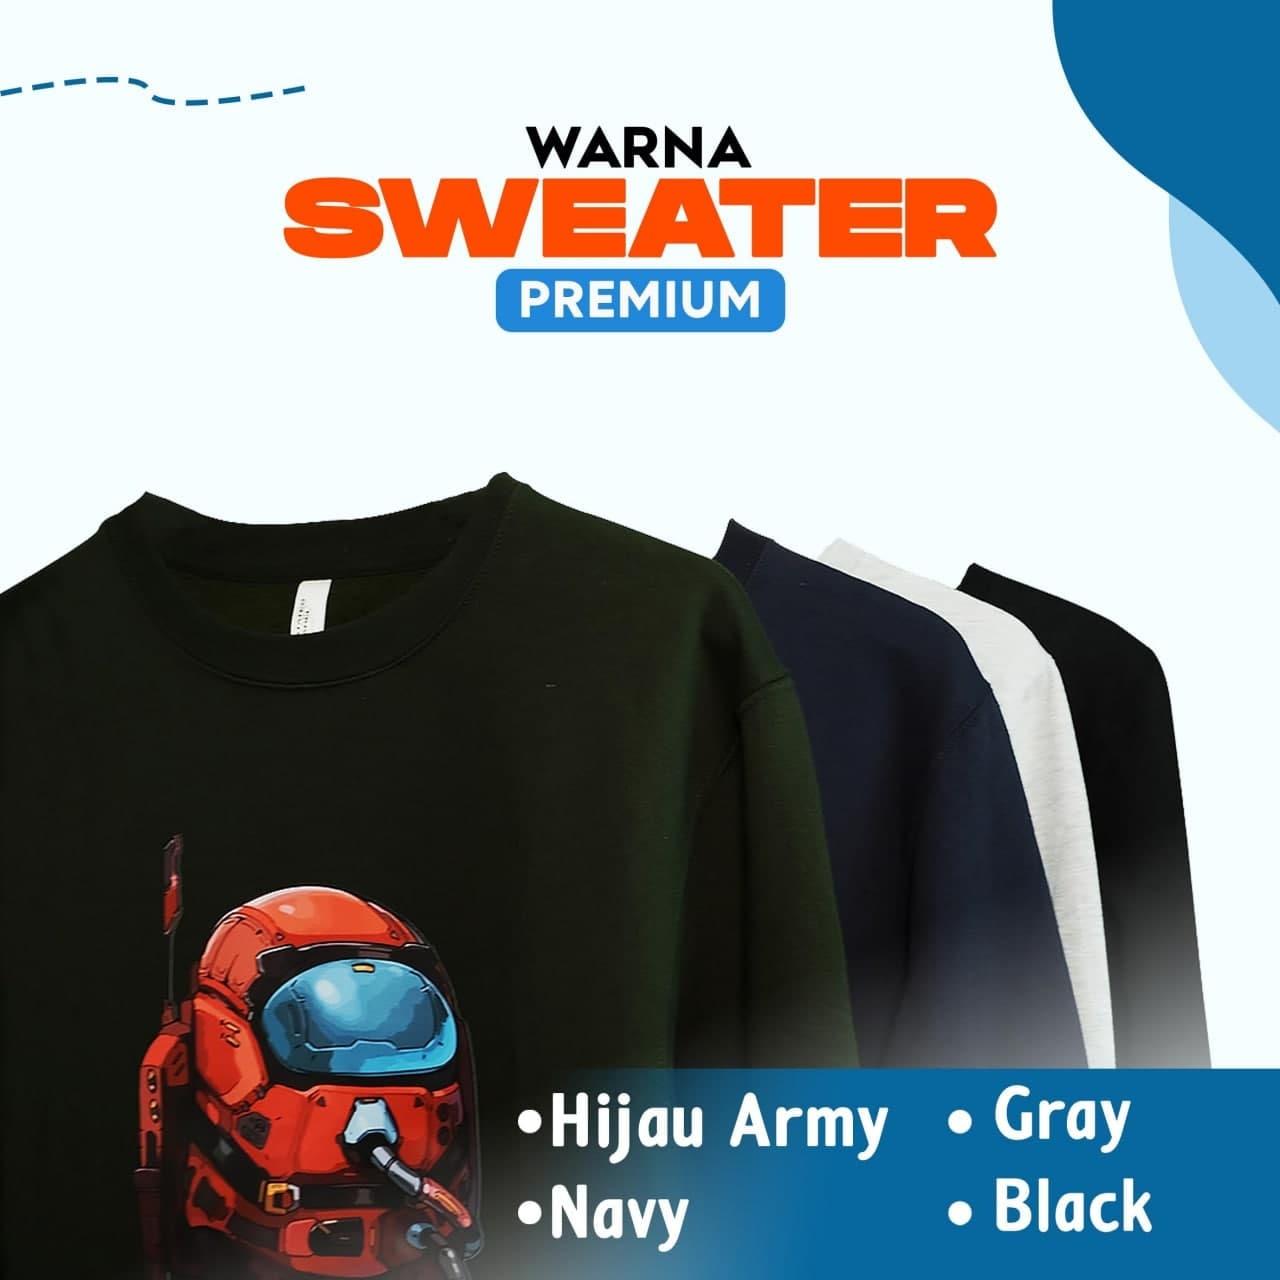 Warna Sweater